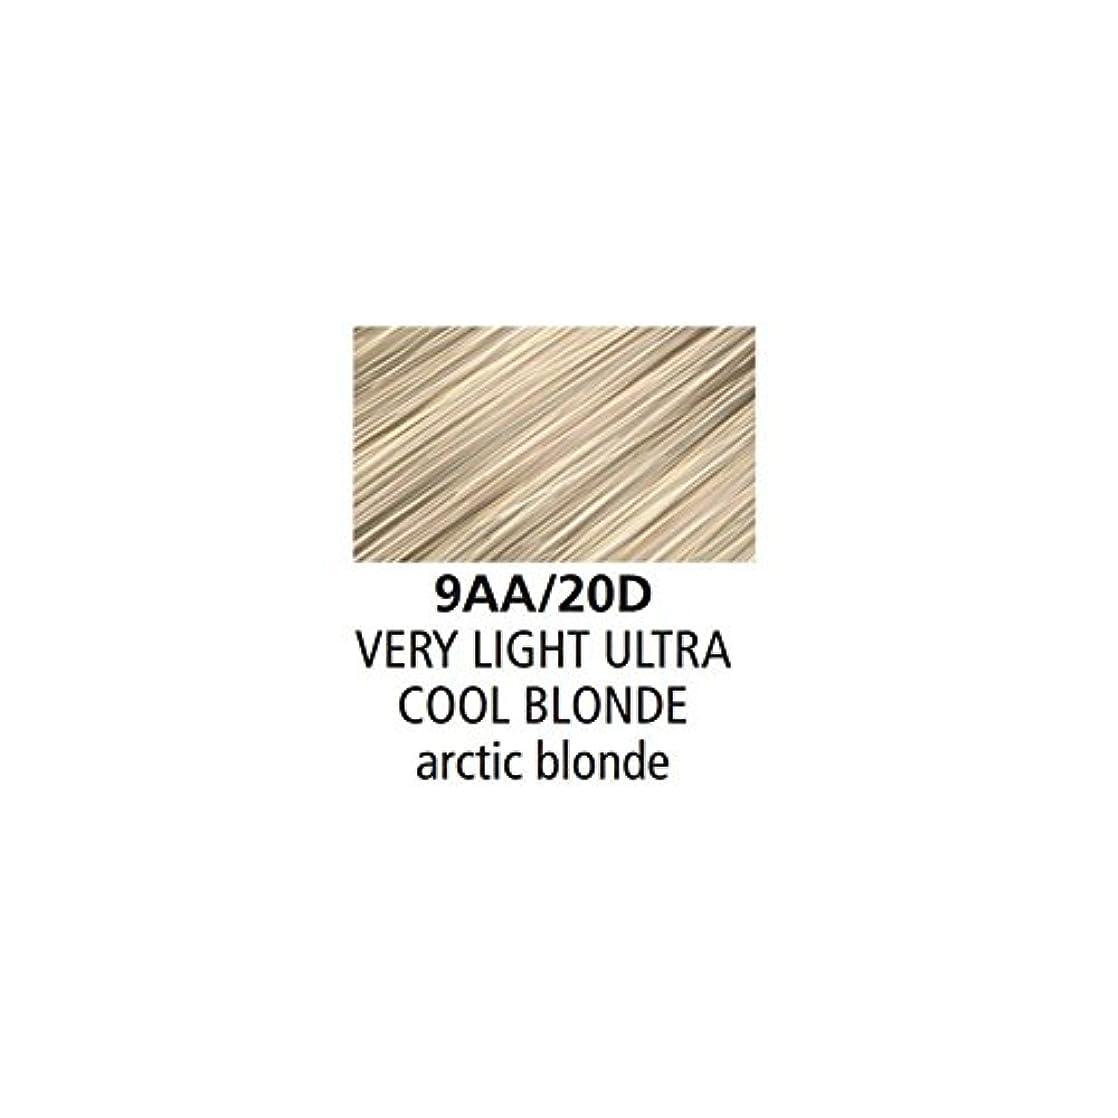 それにもかかわらず楽しい干ばつClairol Professional - SOY4PLEX - Liquicolor Permanente - Very Light Ultra Cool Blonde - 9AA/20D - 2 oz / 59 mL